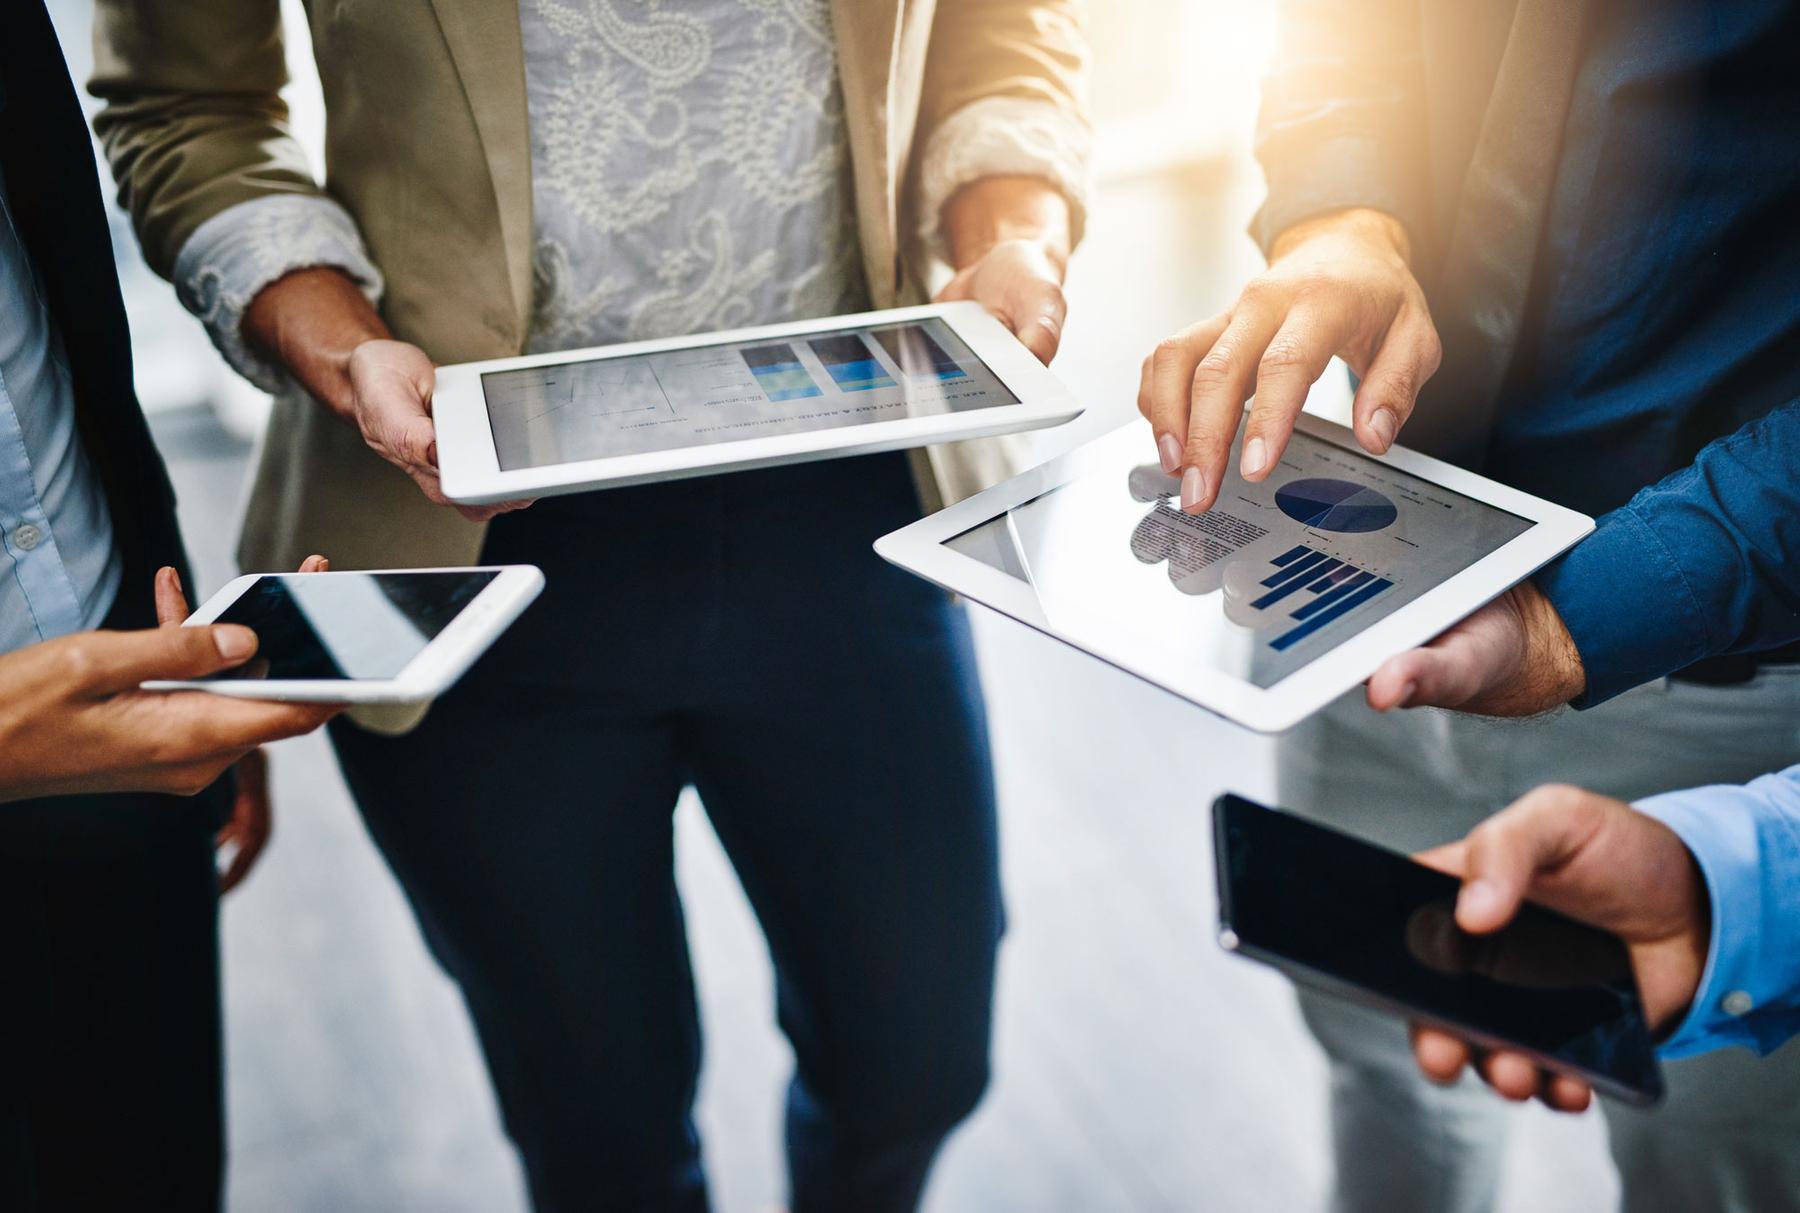 Gruppe von Personen mit mobilen Devices in ihren Händen